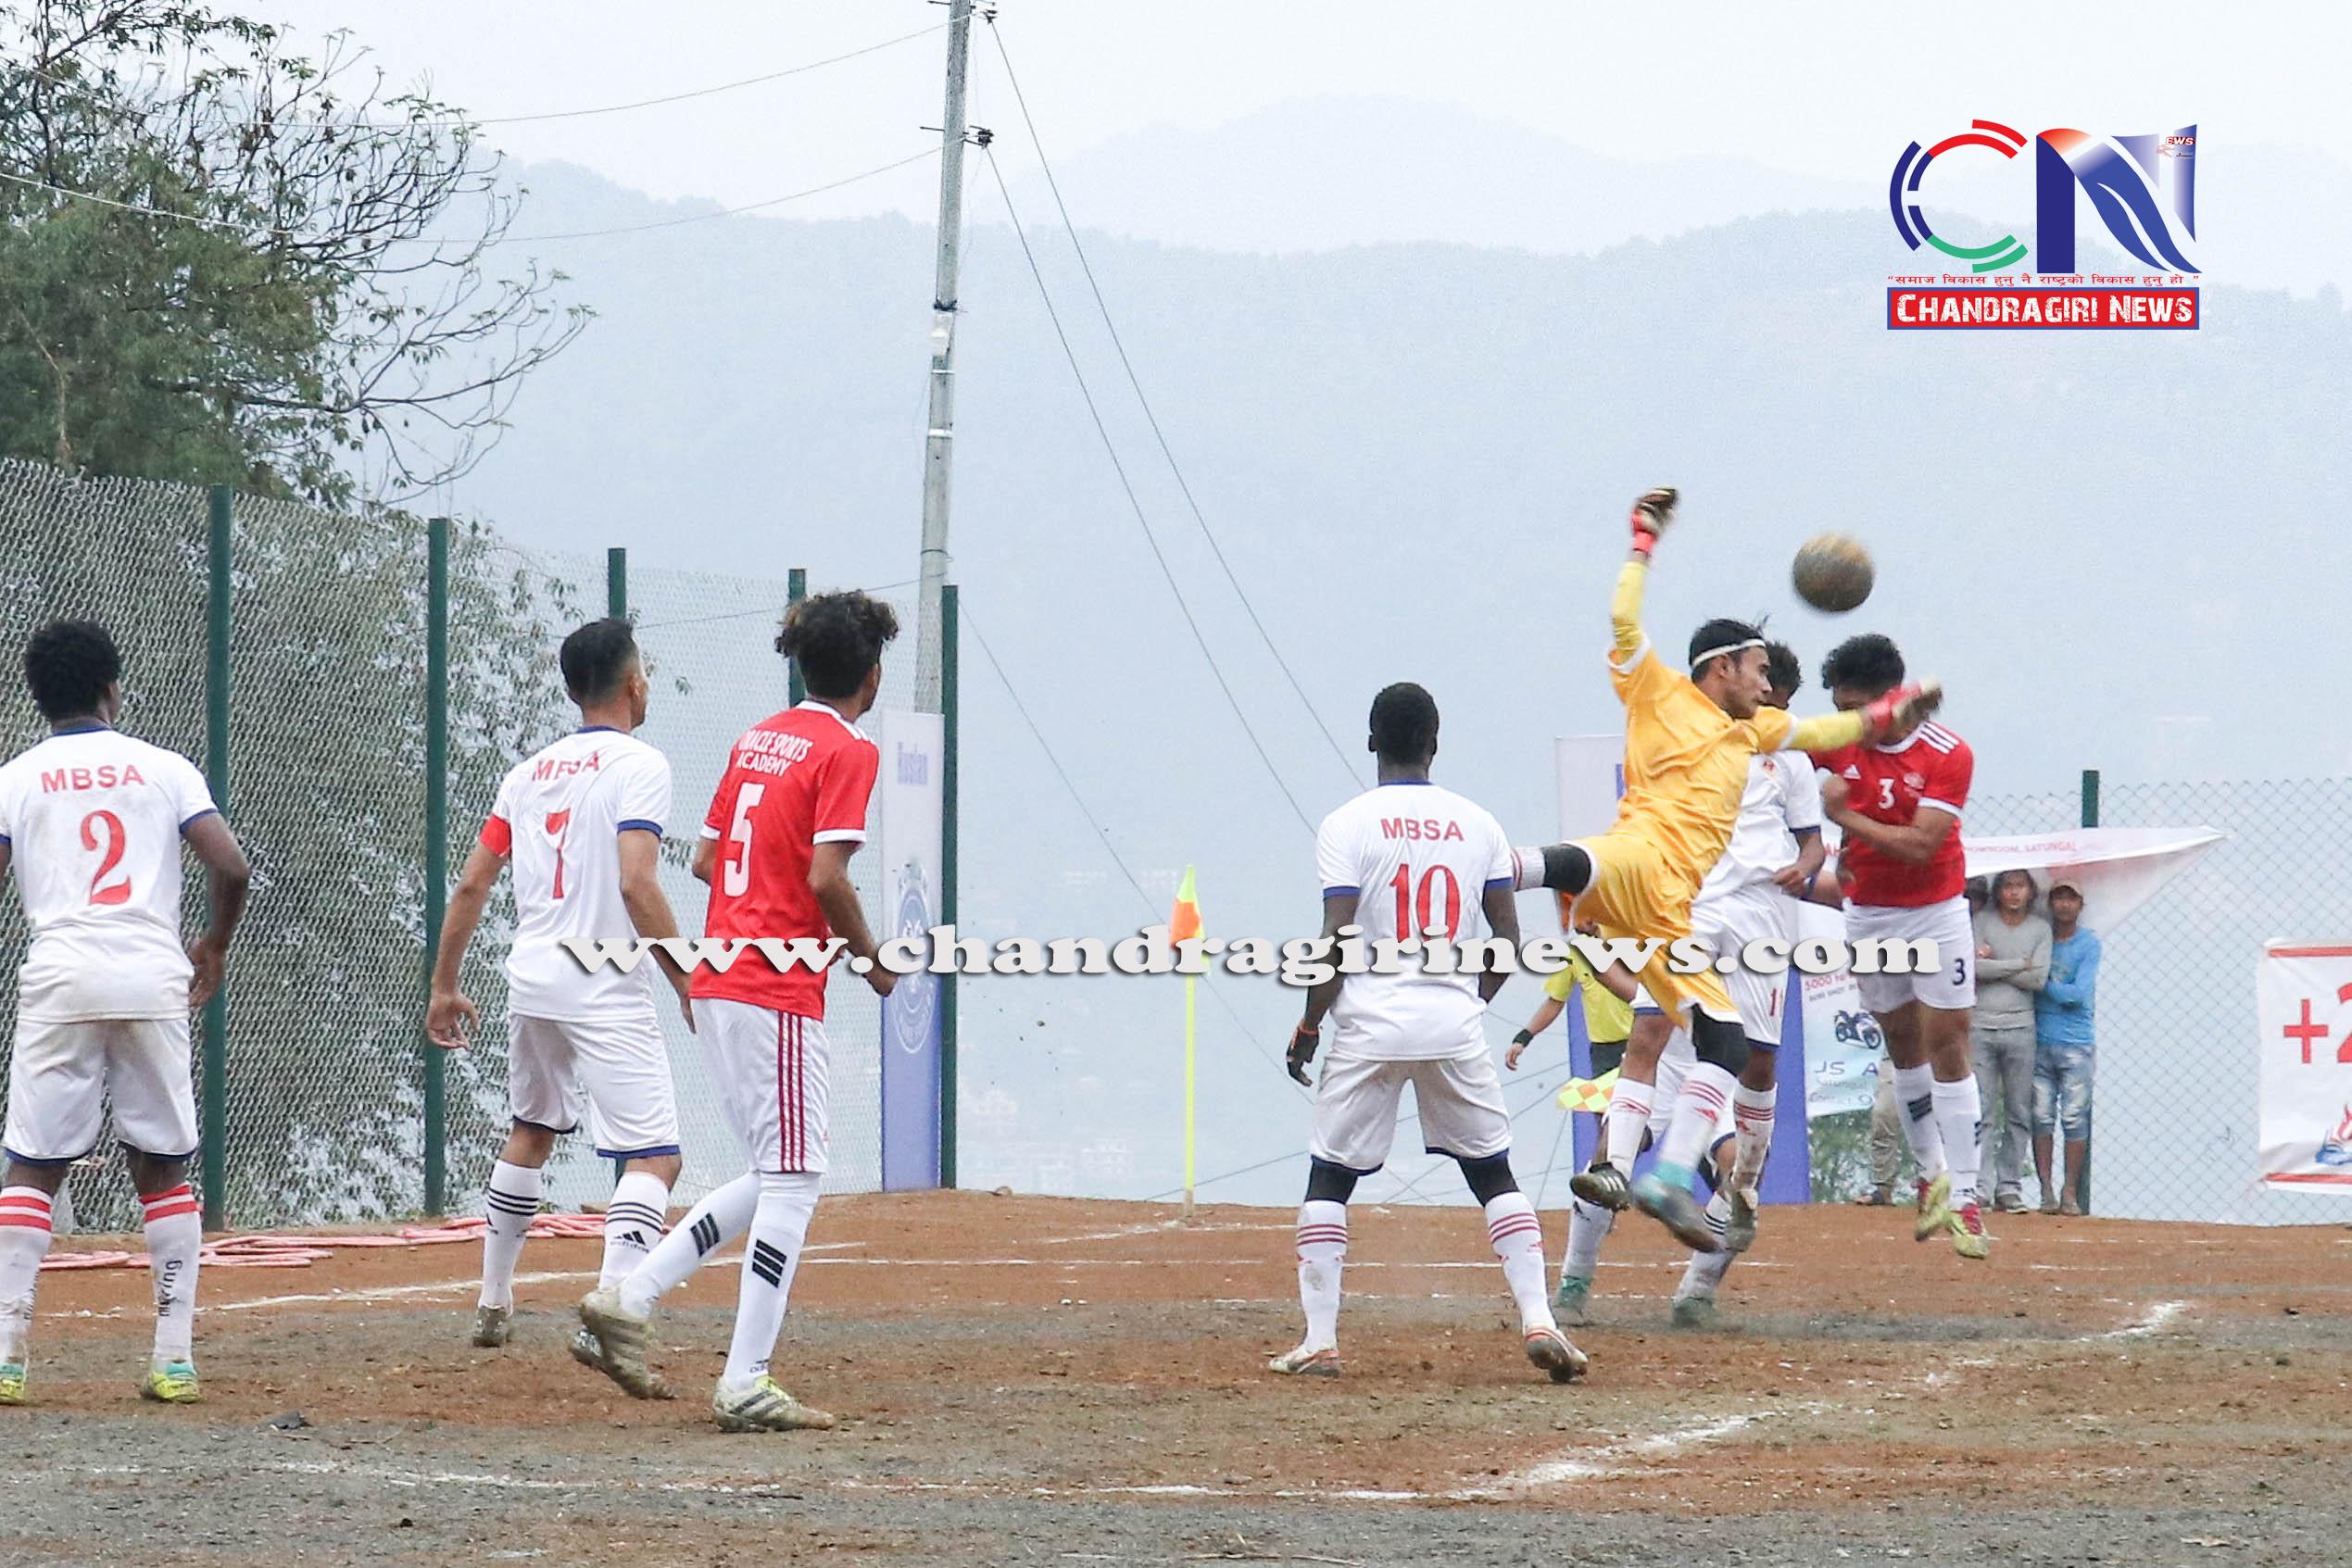 Chandragirinews western-united-3rd-game-4 चाैठाै नेपाललय वईस्टन युनाईटेड क्लवकप फुटबल प्रतियाेगितामा ब्लु बेल फुटबल क्लब र वराकल रे स्पोर्ट्स एकेडेमीको विजयी सुरुवात खेलकुद नगरपालिका ब्रेकिंग न्युज मातातिर्थ मुख्य राष्ट्रिय    chandragiri